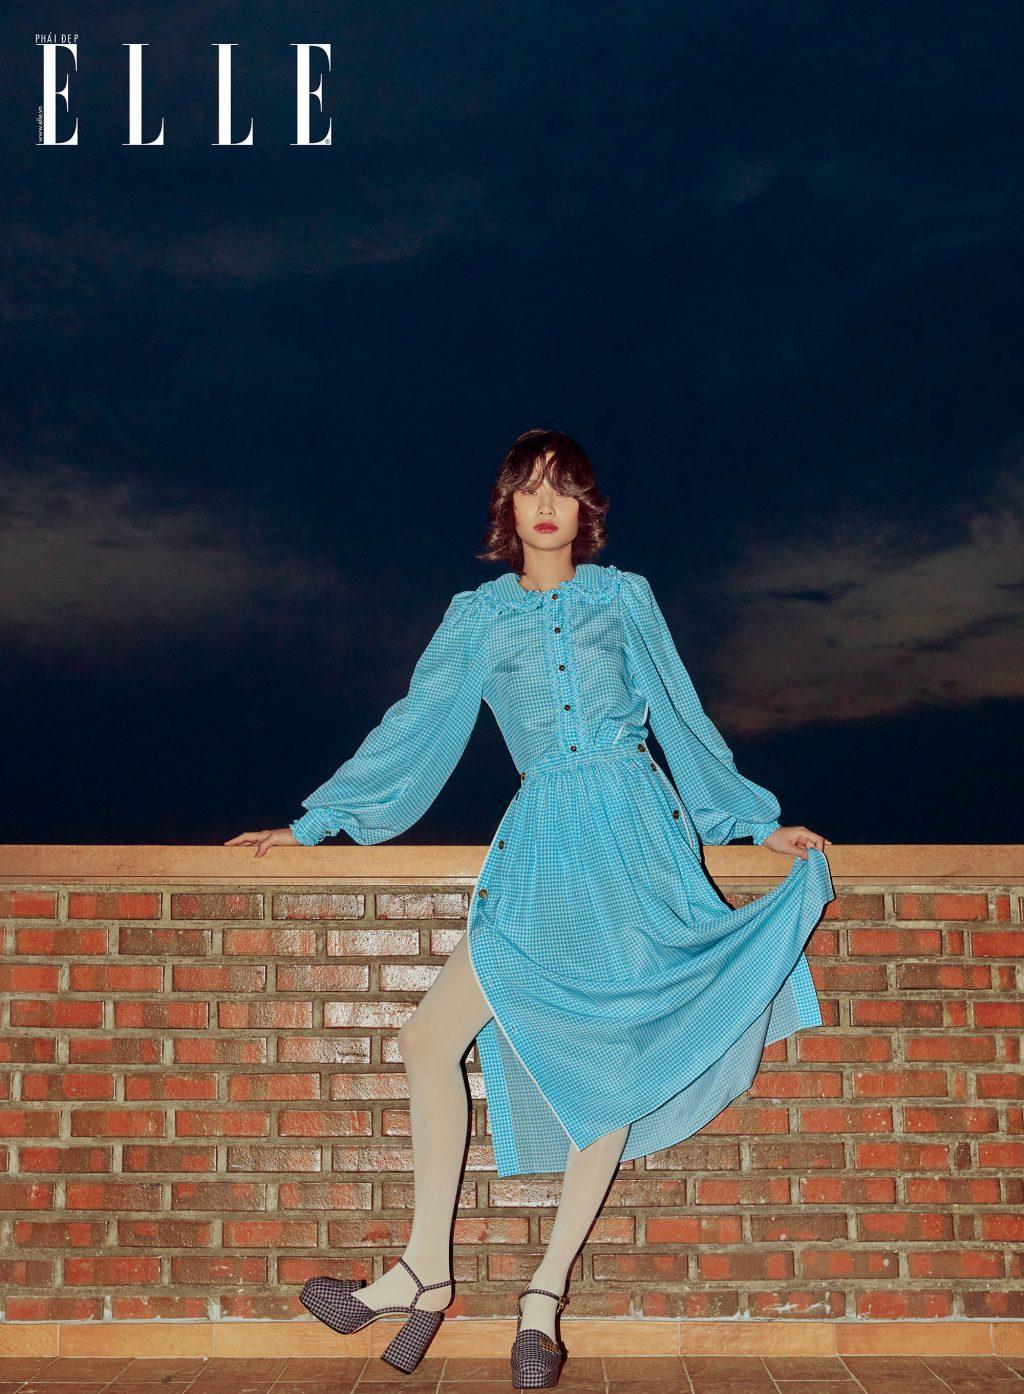 bộ ảnh người mẫu mặc đầm xanh